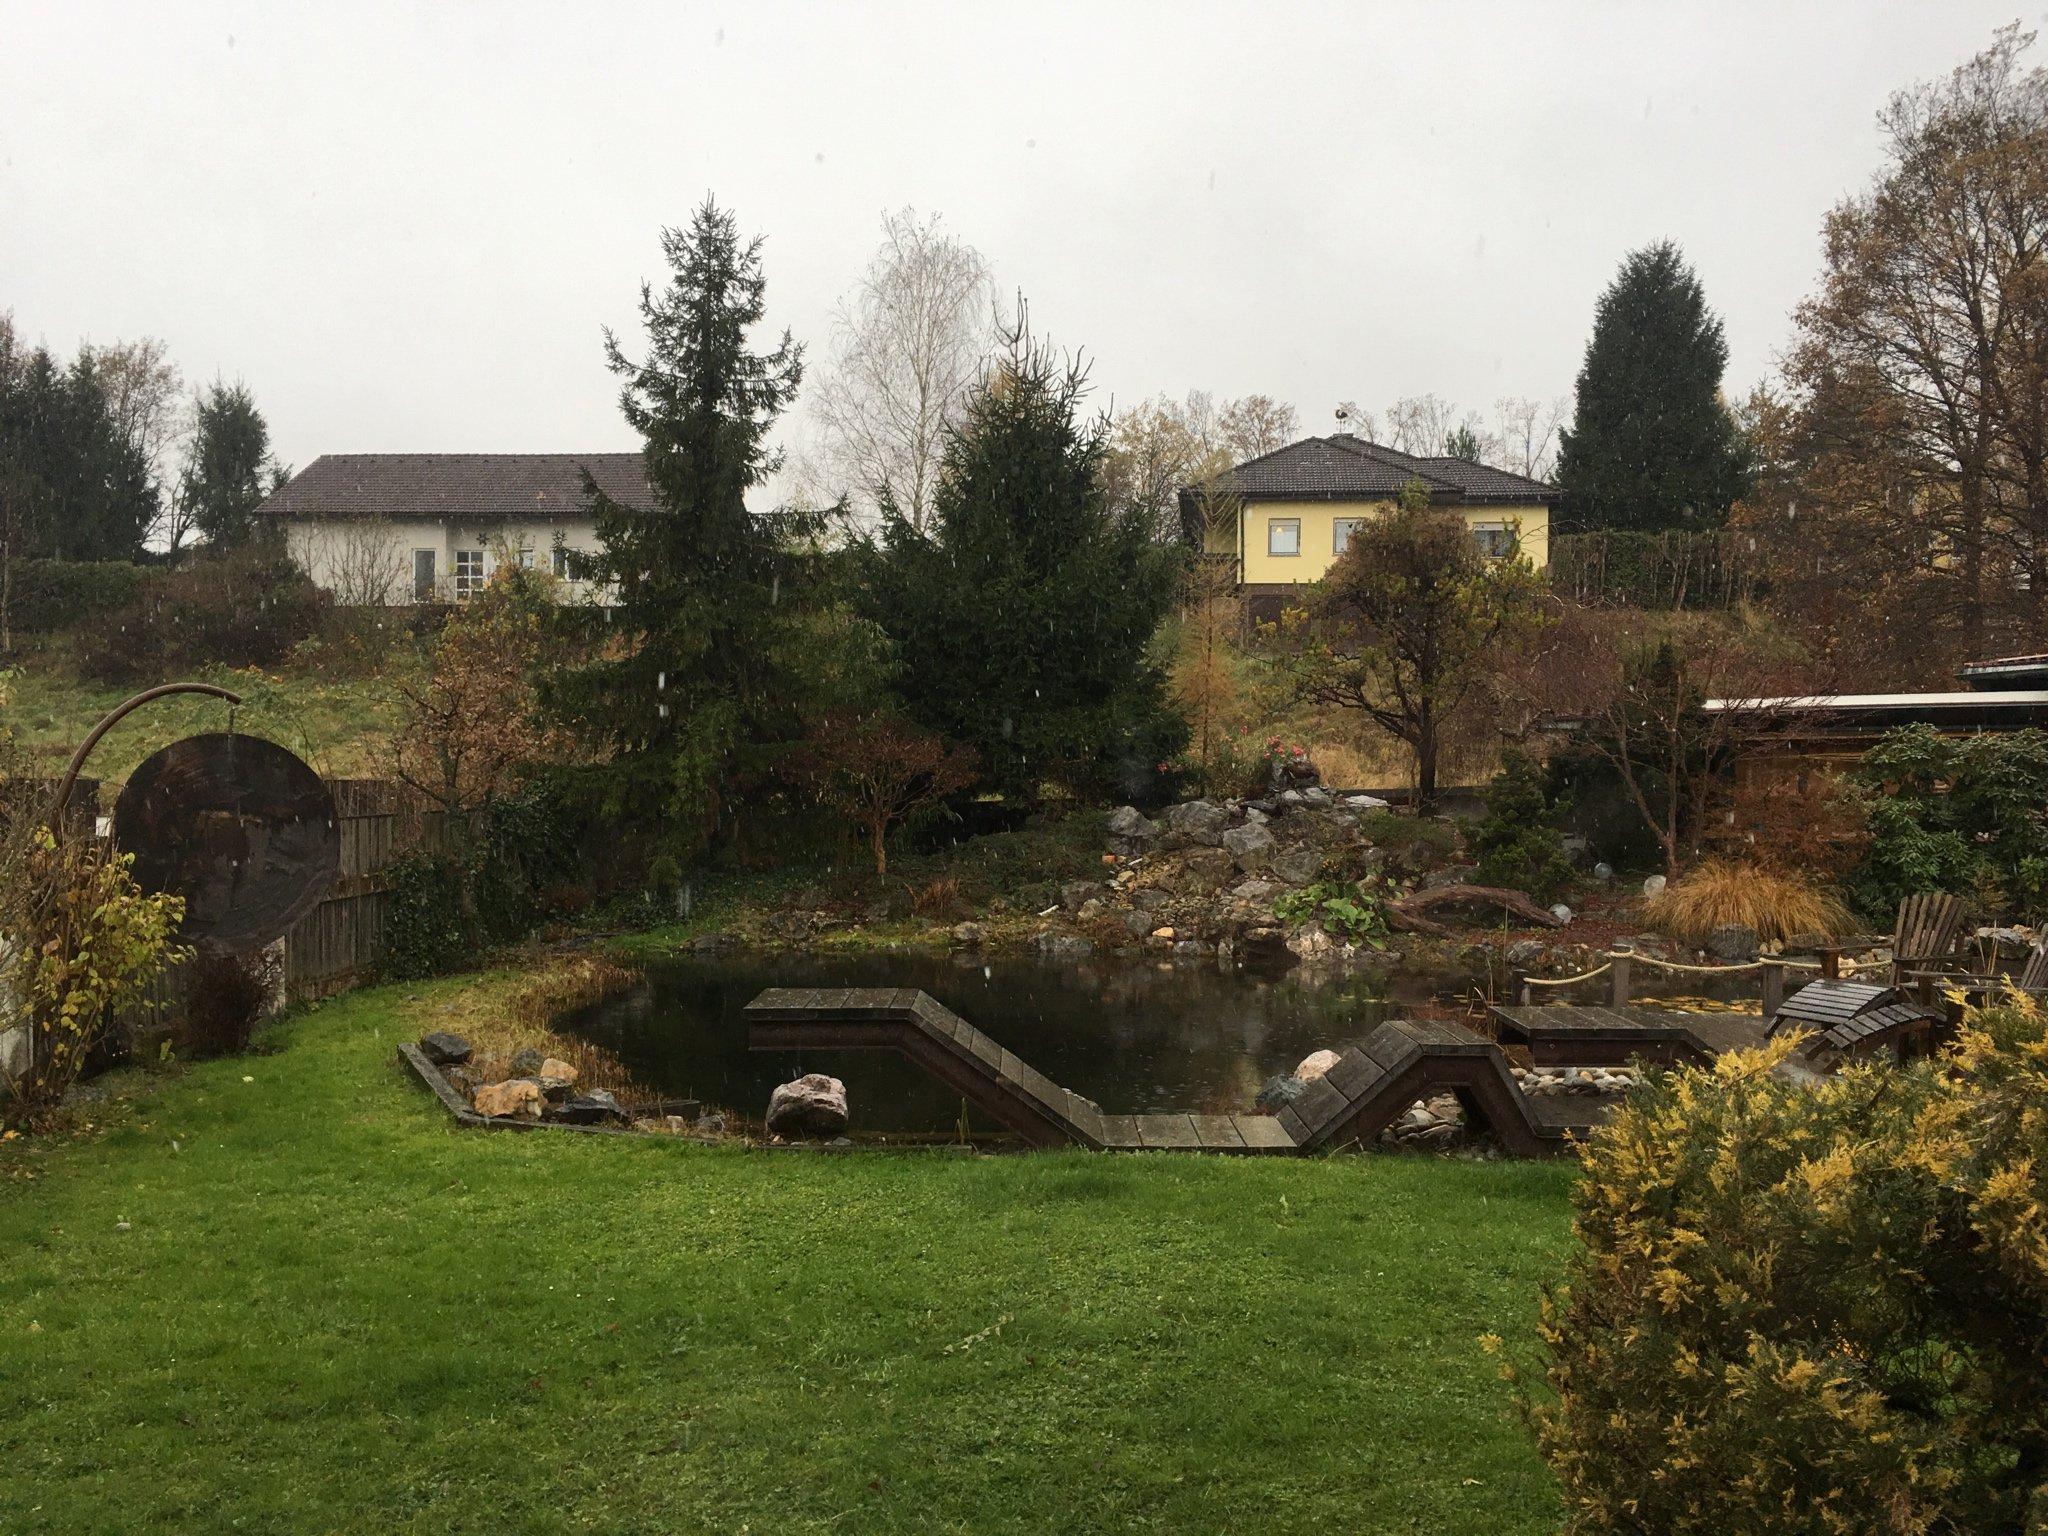 Hart bei Graz vermeldet dicke Schneeflocken #meurers #ausblicktweet https://t.co/3dr1a0GBoF